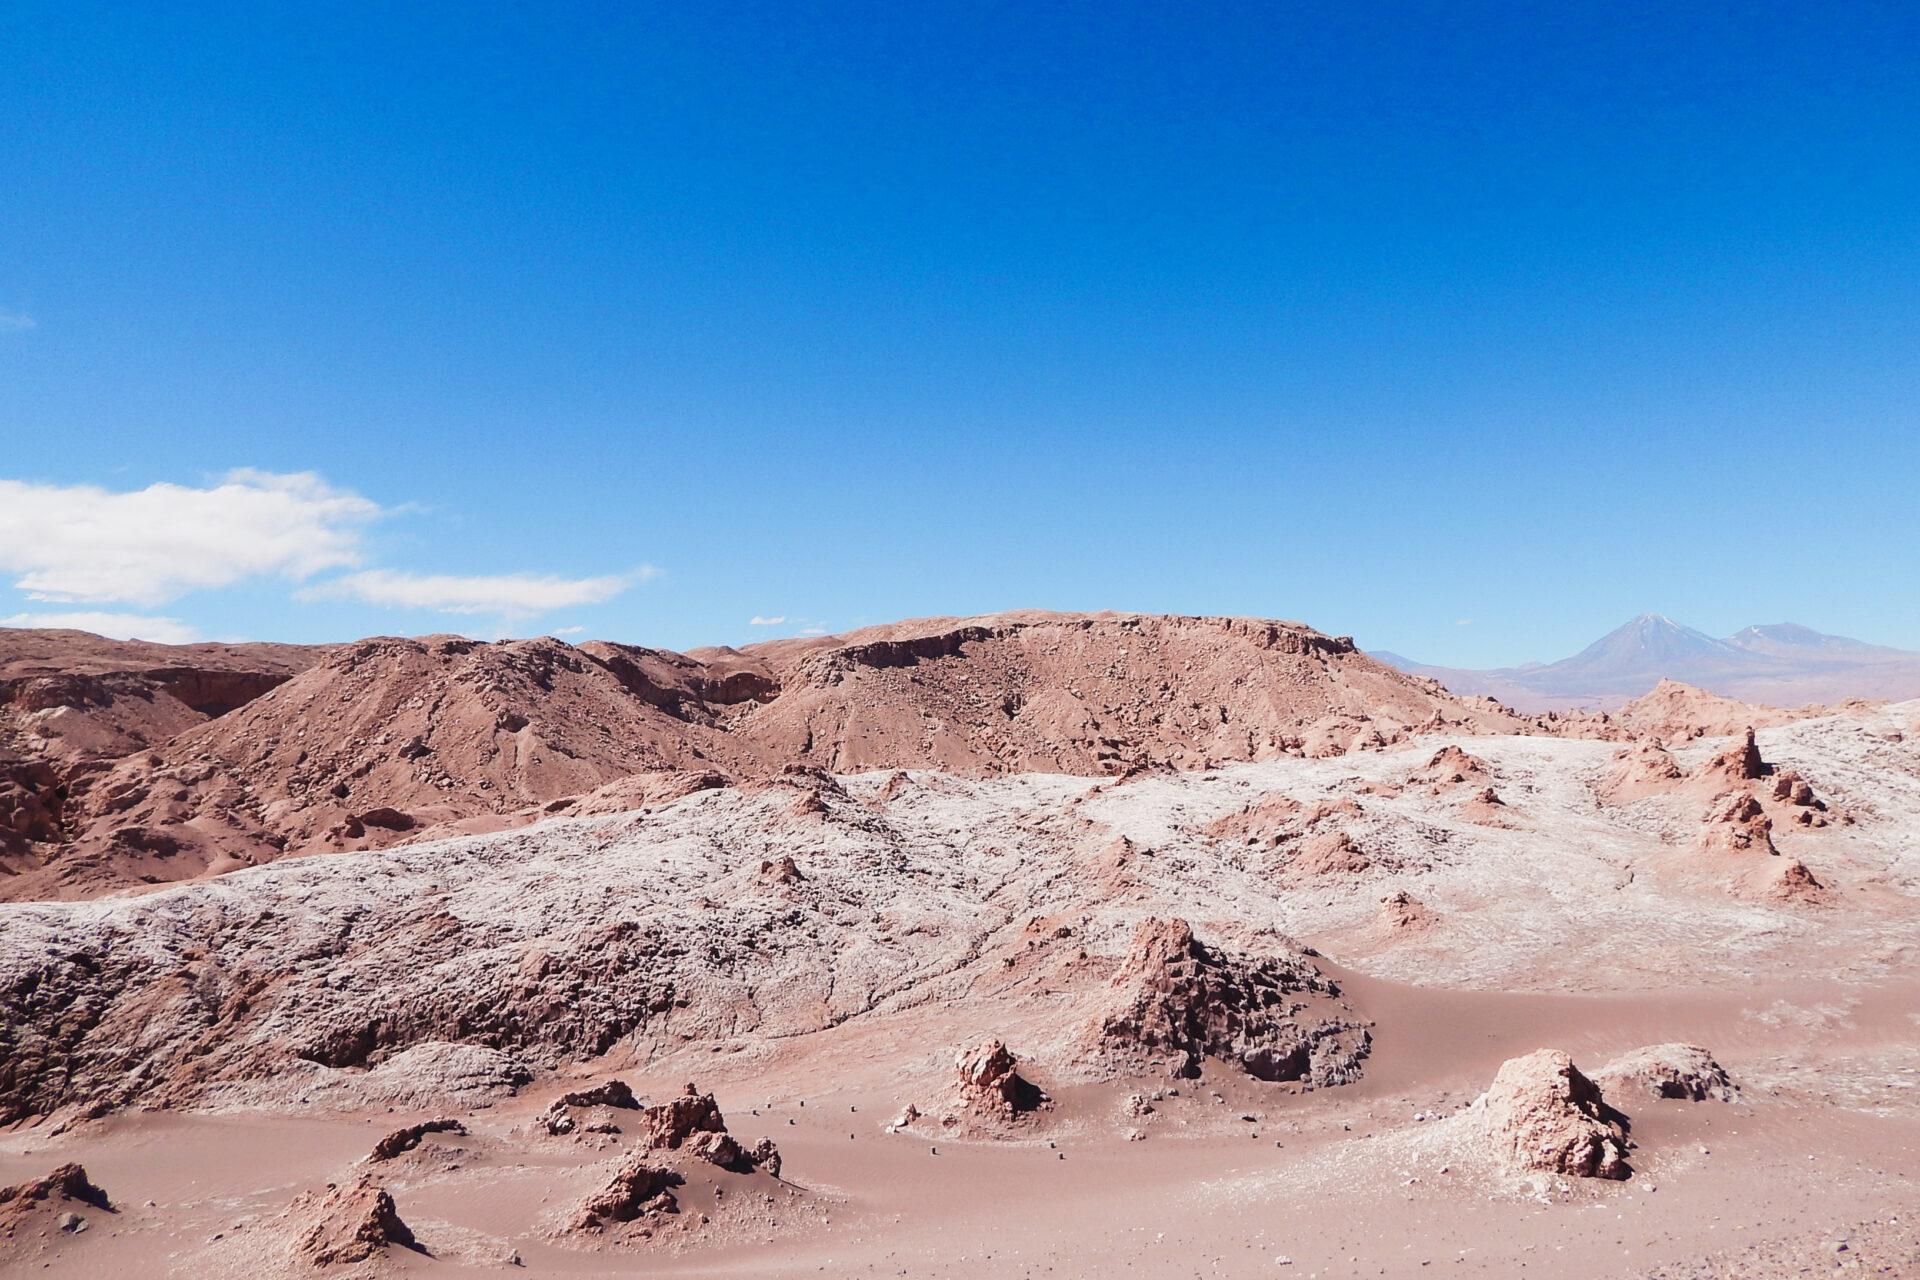 Chile - Valle de la Luna - Sagenhafte Mondlandschaft auf Erden